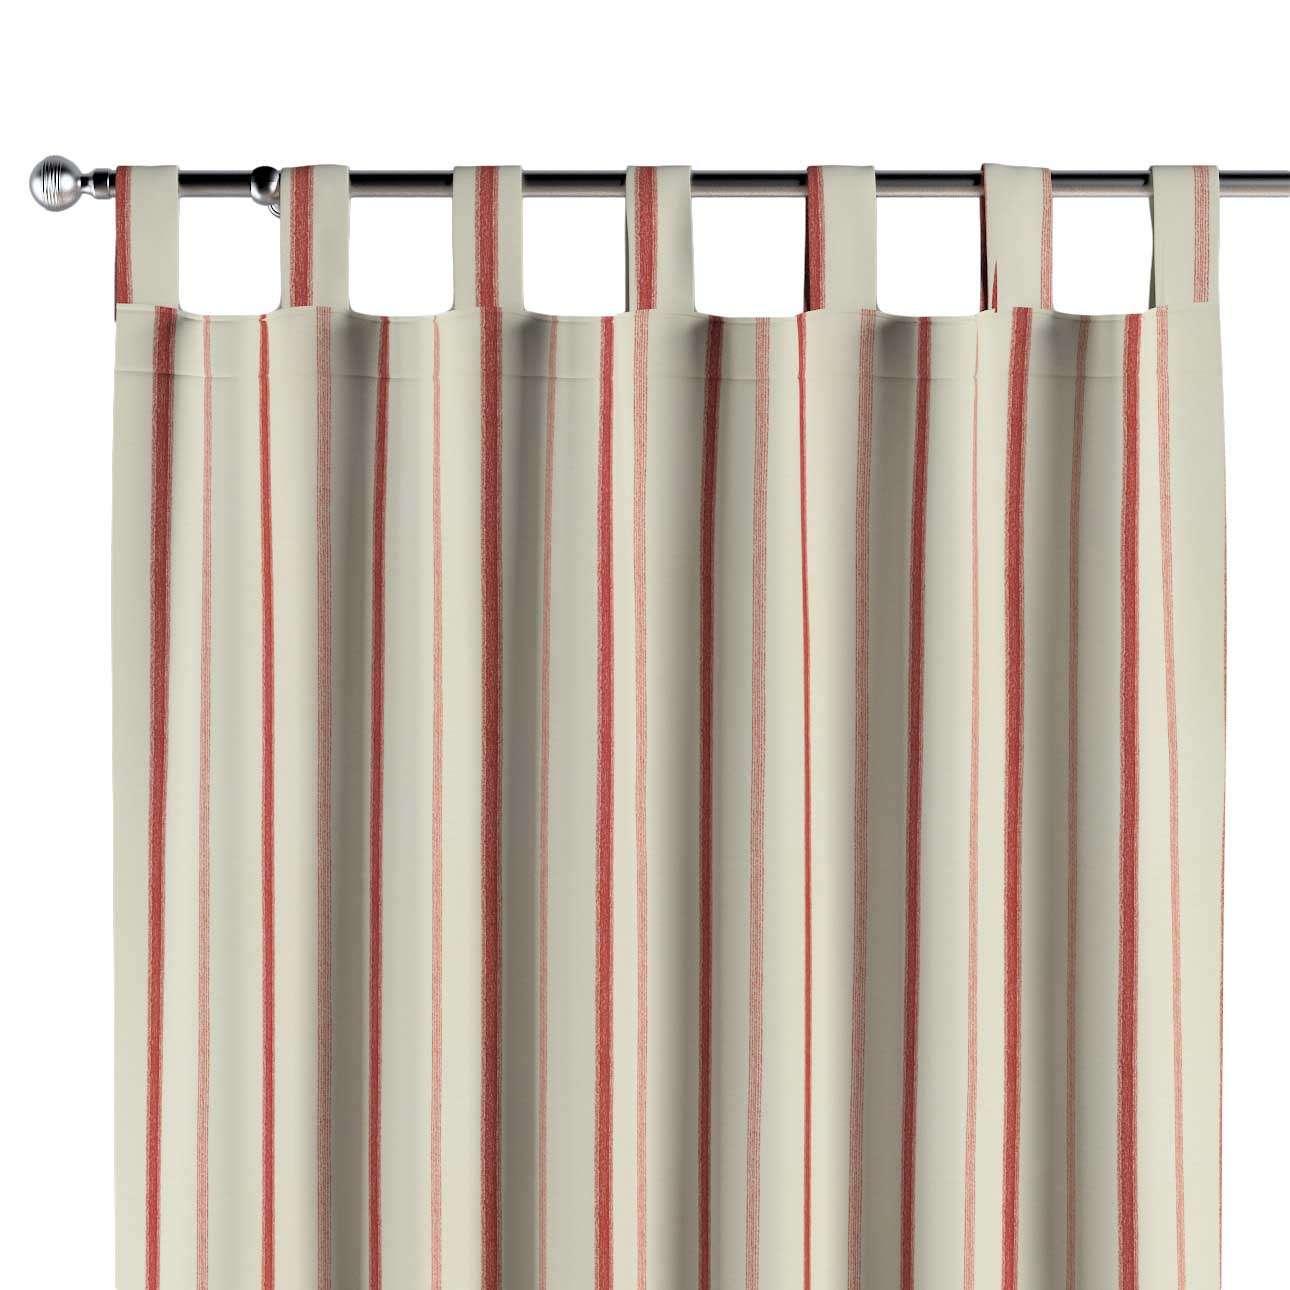 Kilpinio klostavimo užuolaidos 130 x 260 cm (plotis x ilgis) kolekcijoje Avinon, audinys: 129-15